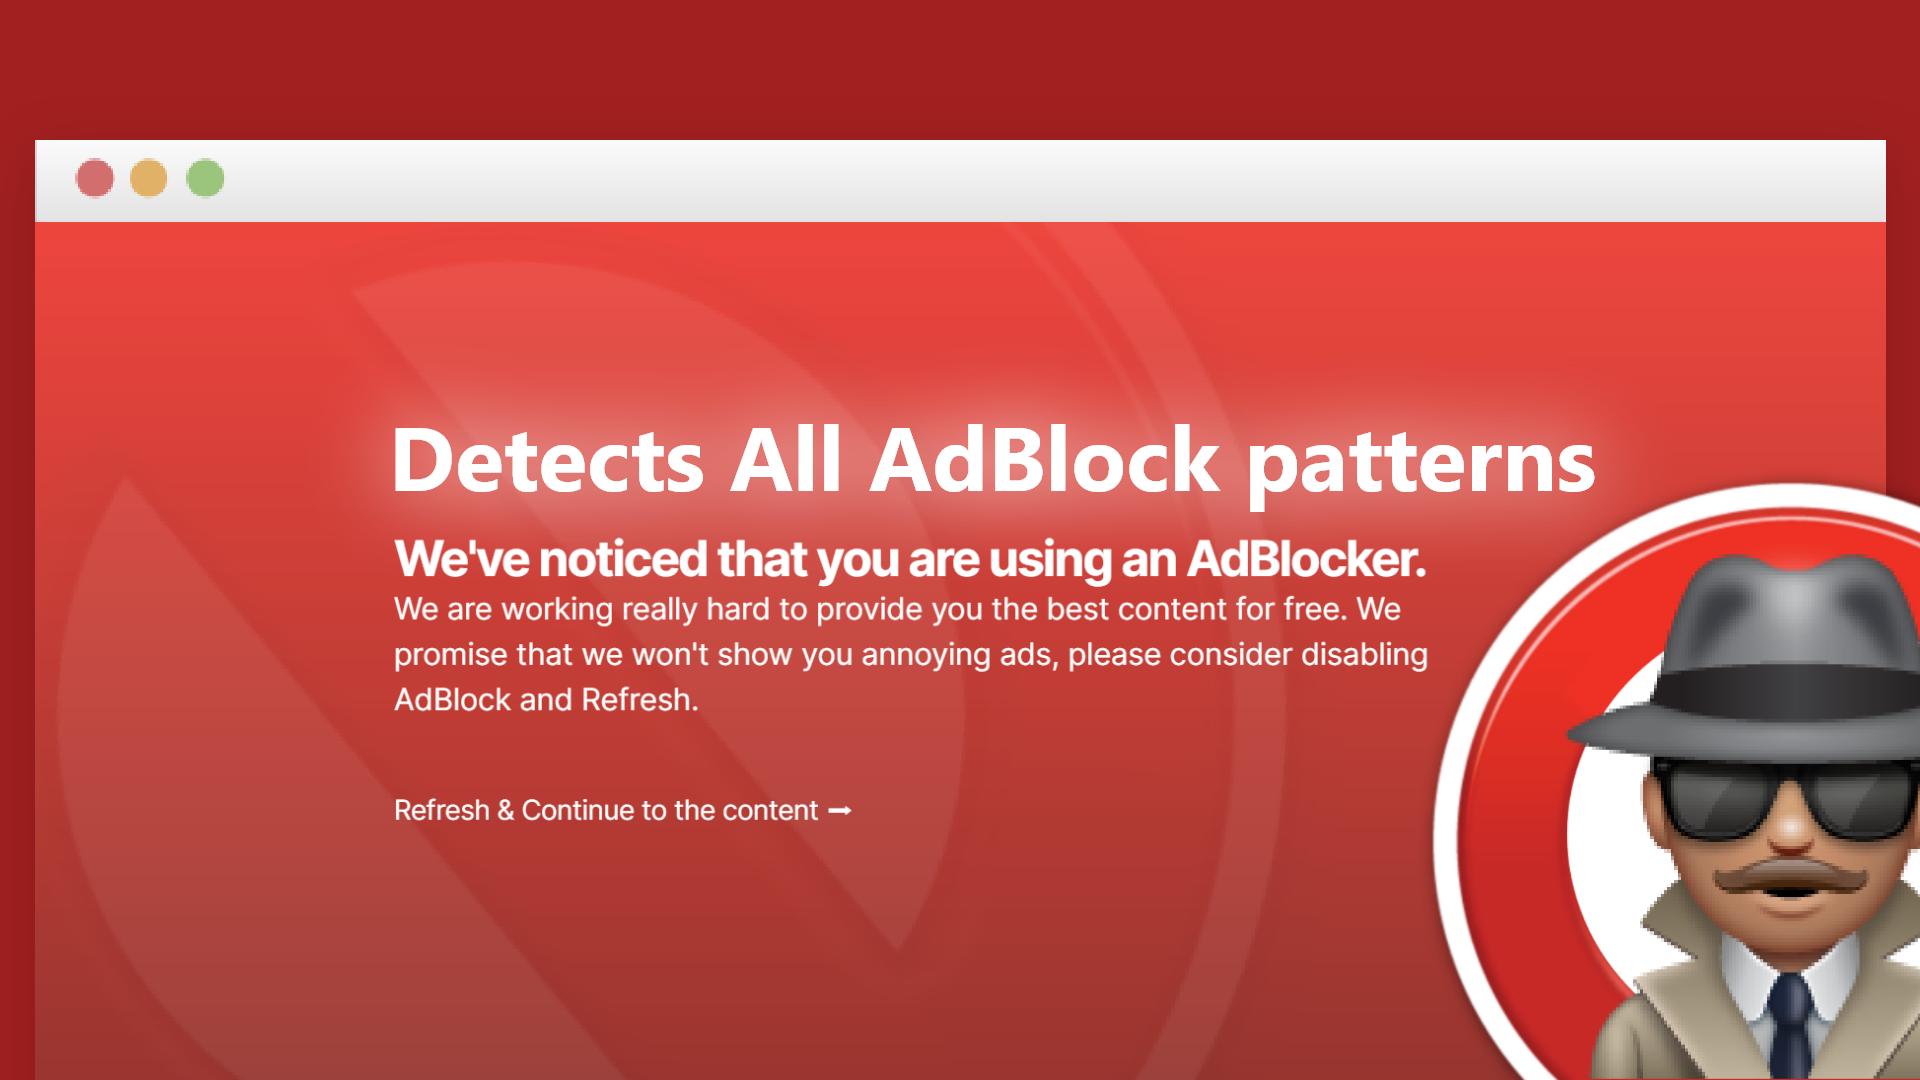 Adblock_detector_for_wordPress